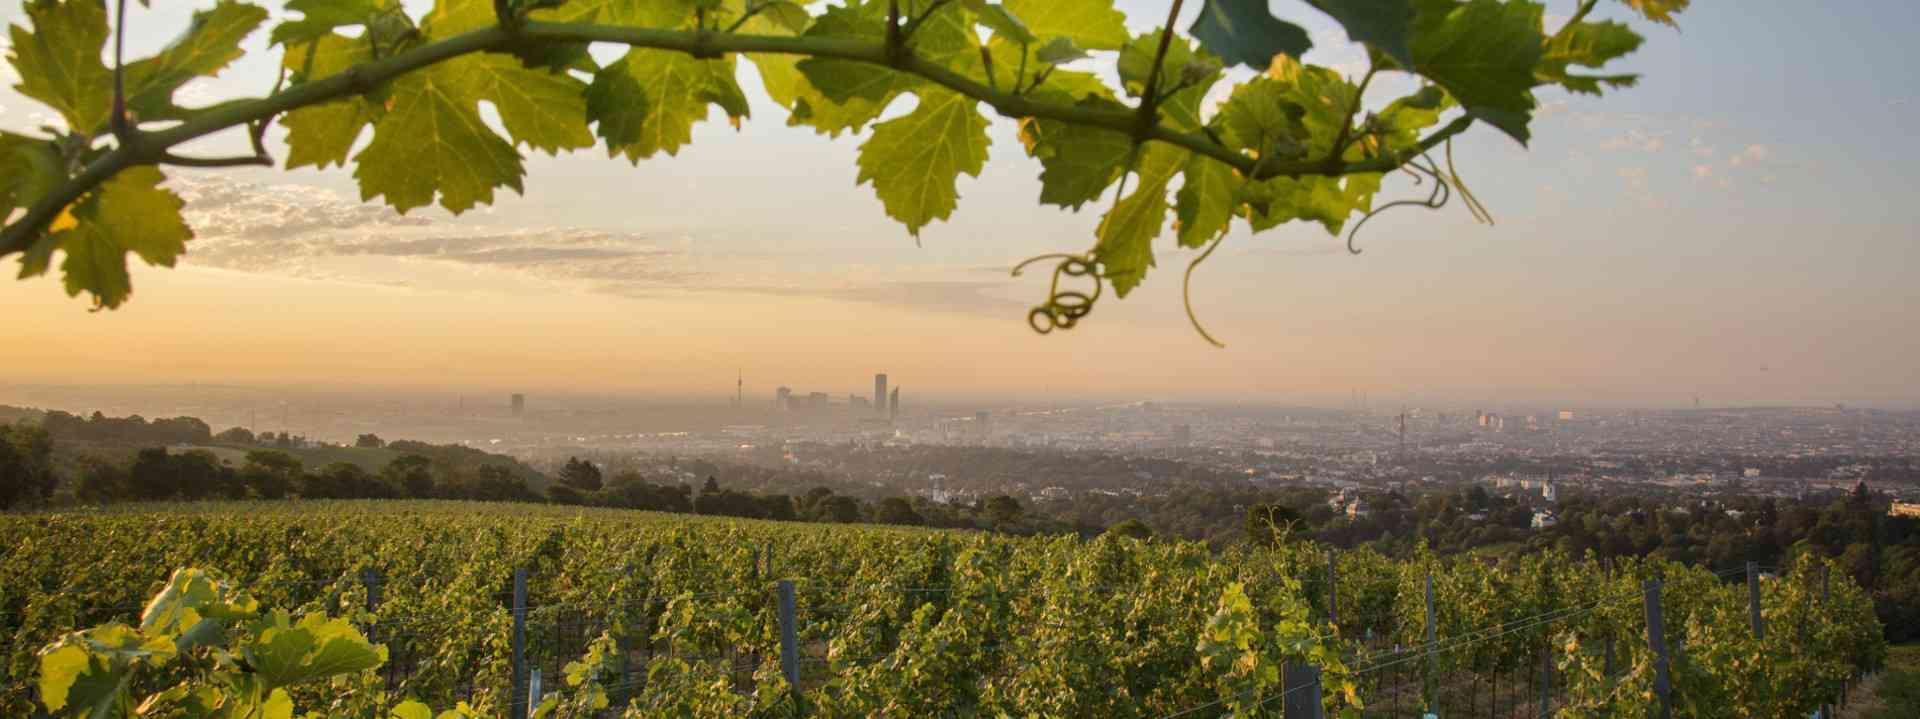 Blick auf Wien und Weinreben